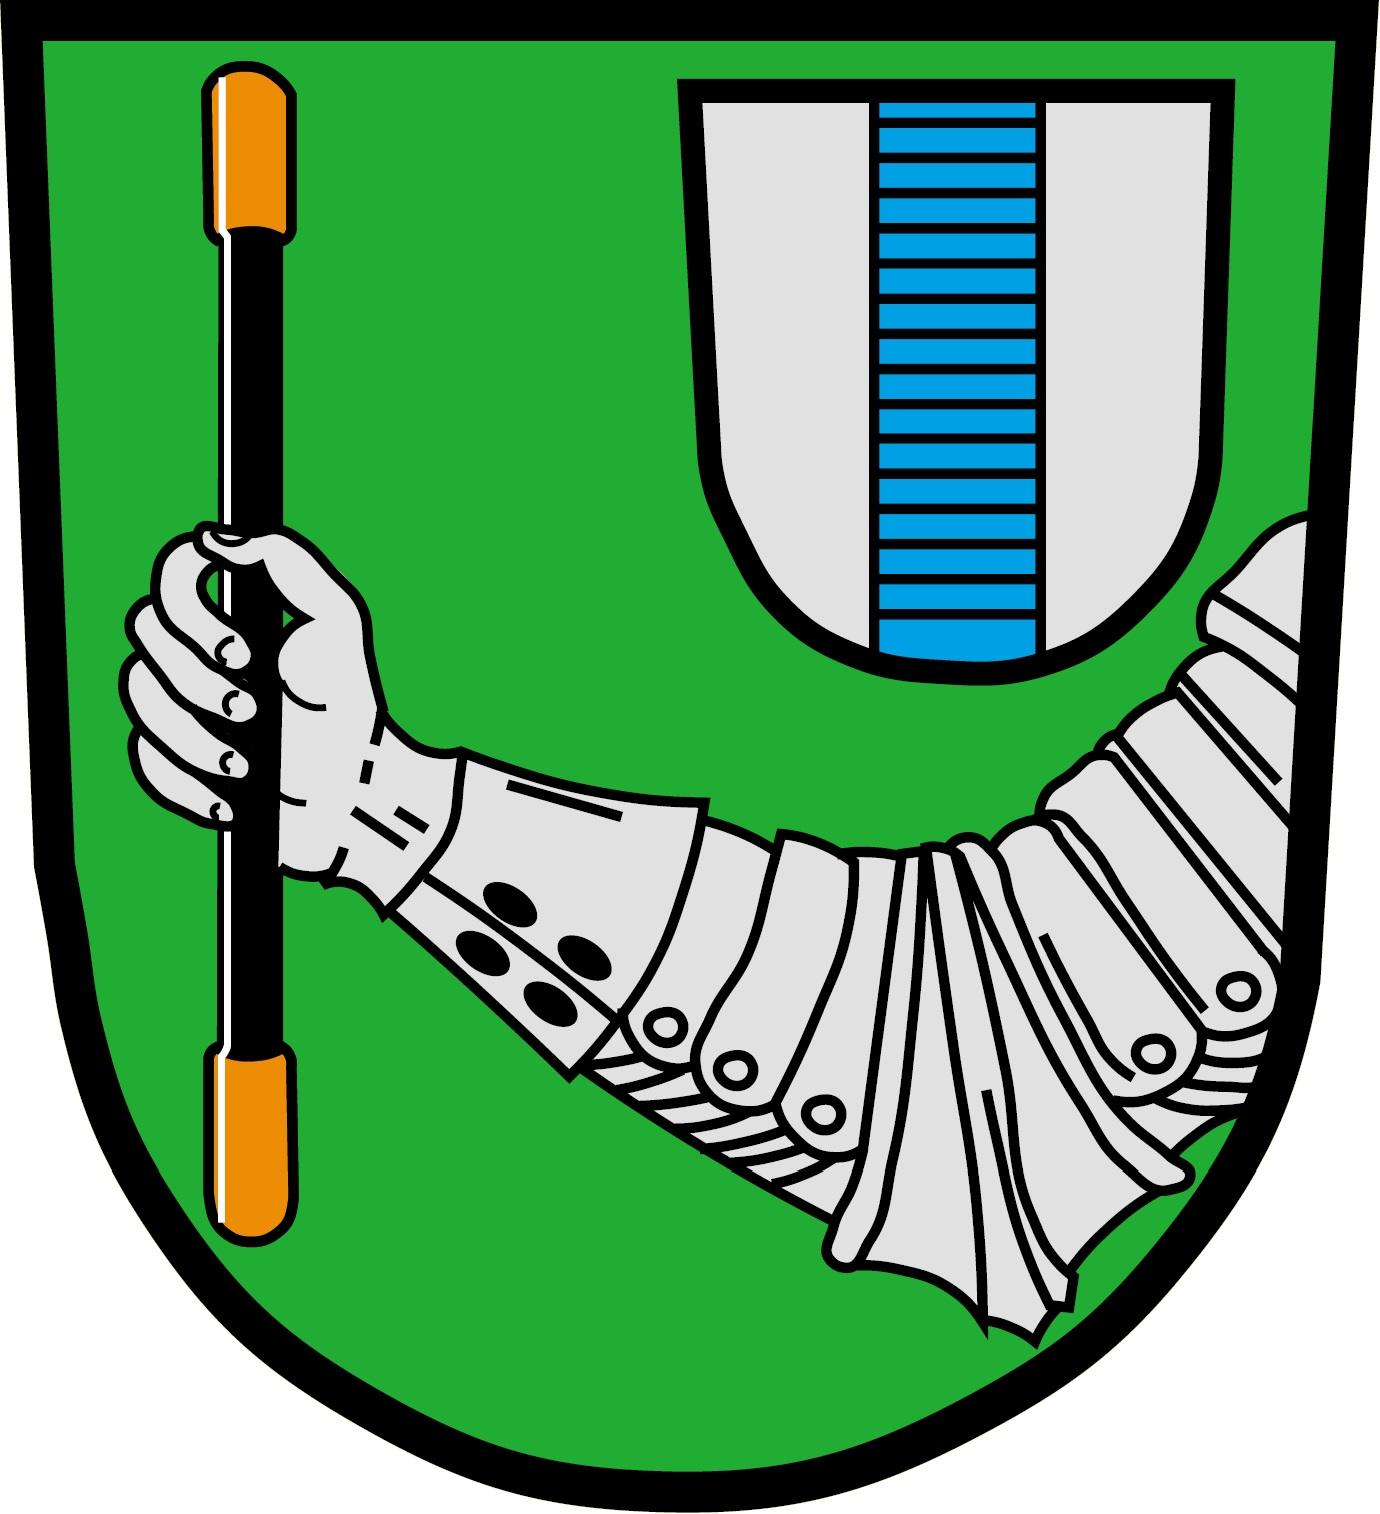 Das Wappen der Gemeinde Leupoldsgrün